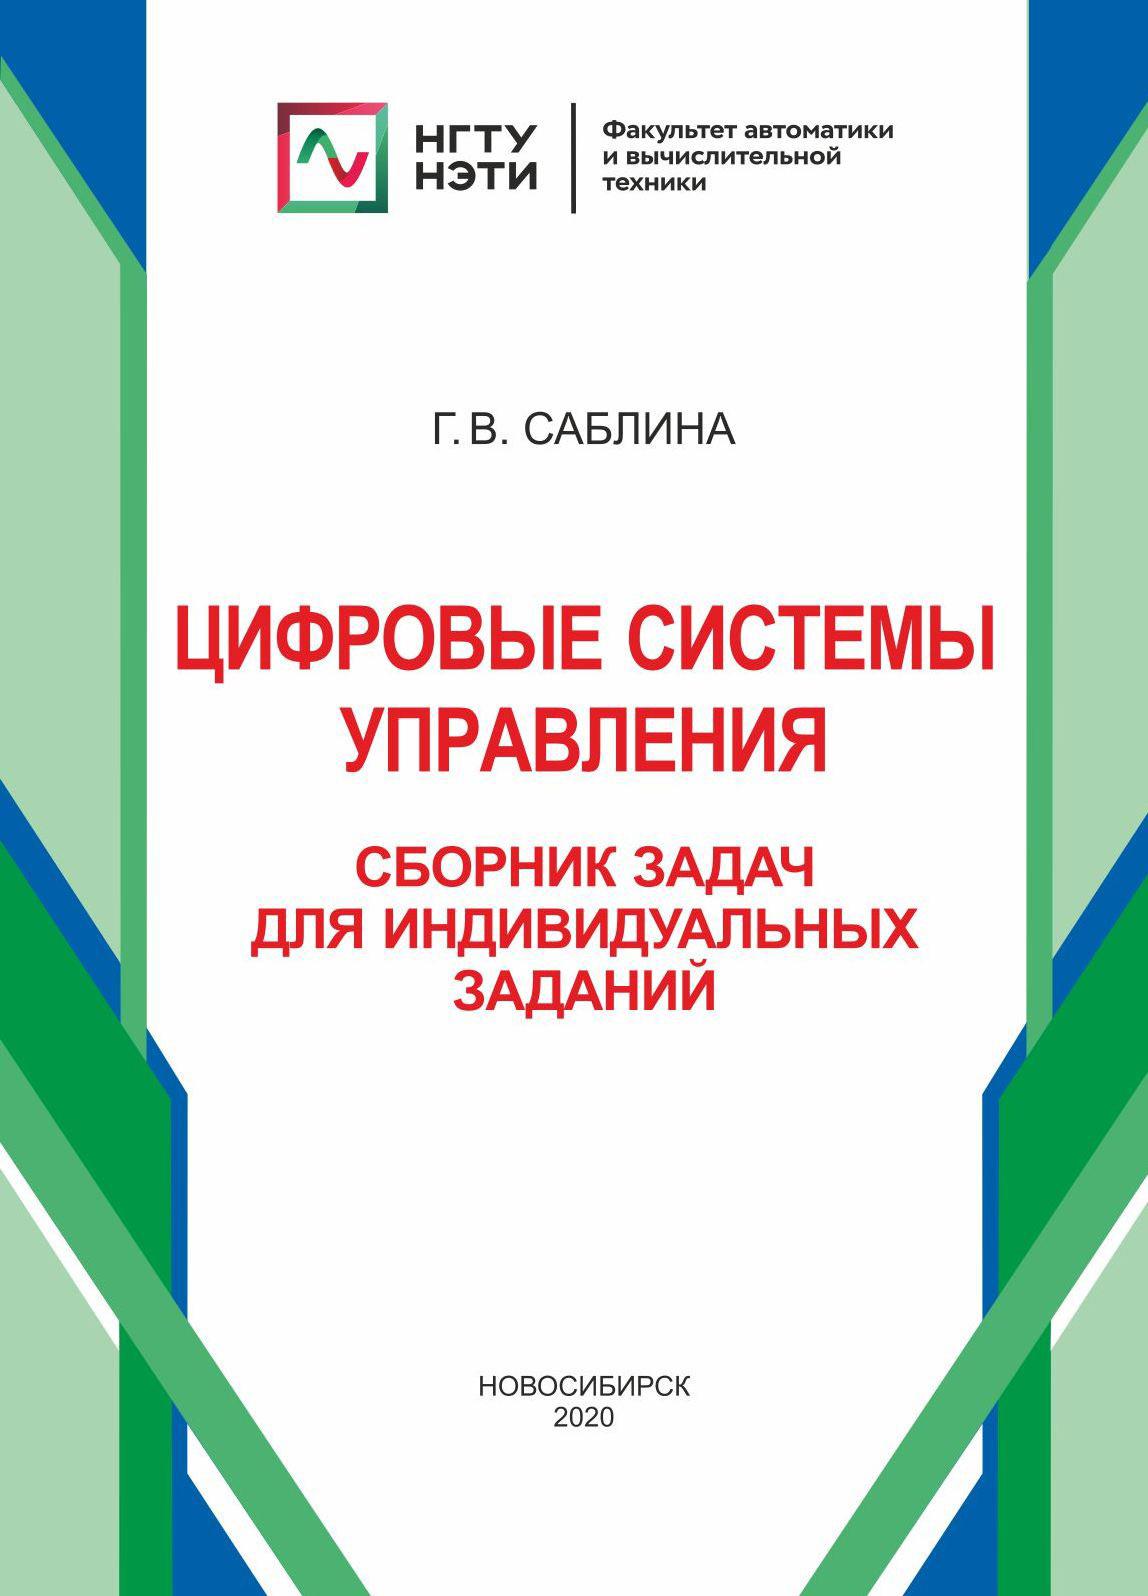 Галина Саблина Цифровые системы управления. Сборник задач для индивидуальных заданий цена 2017